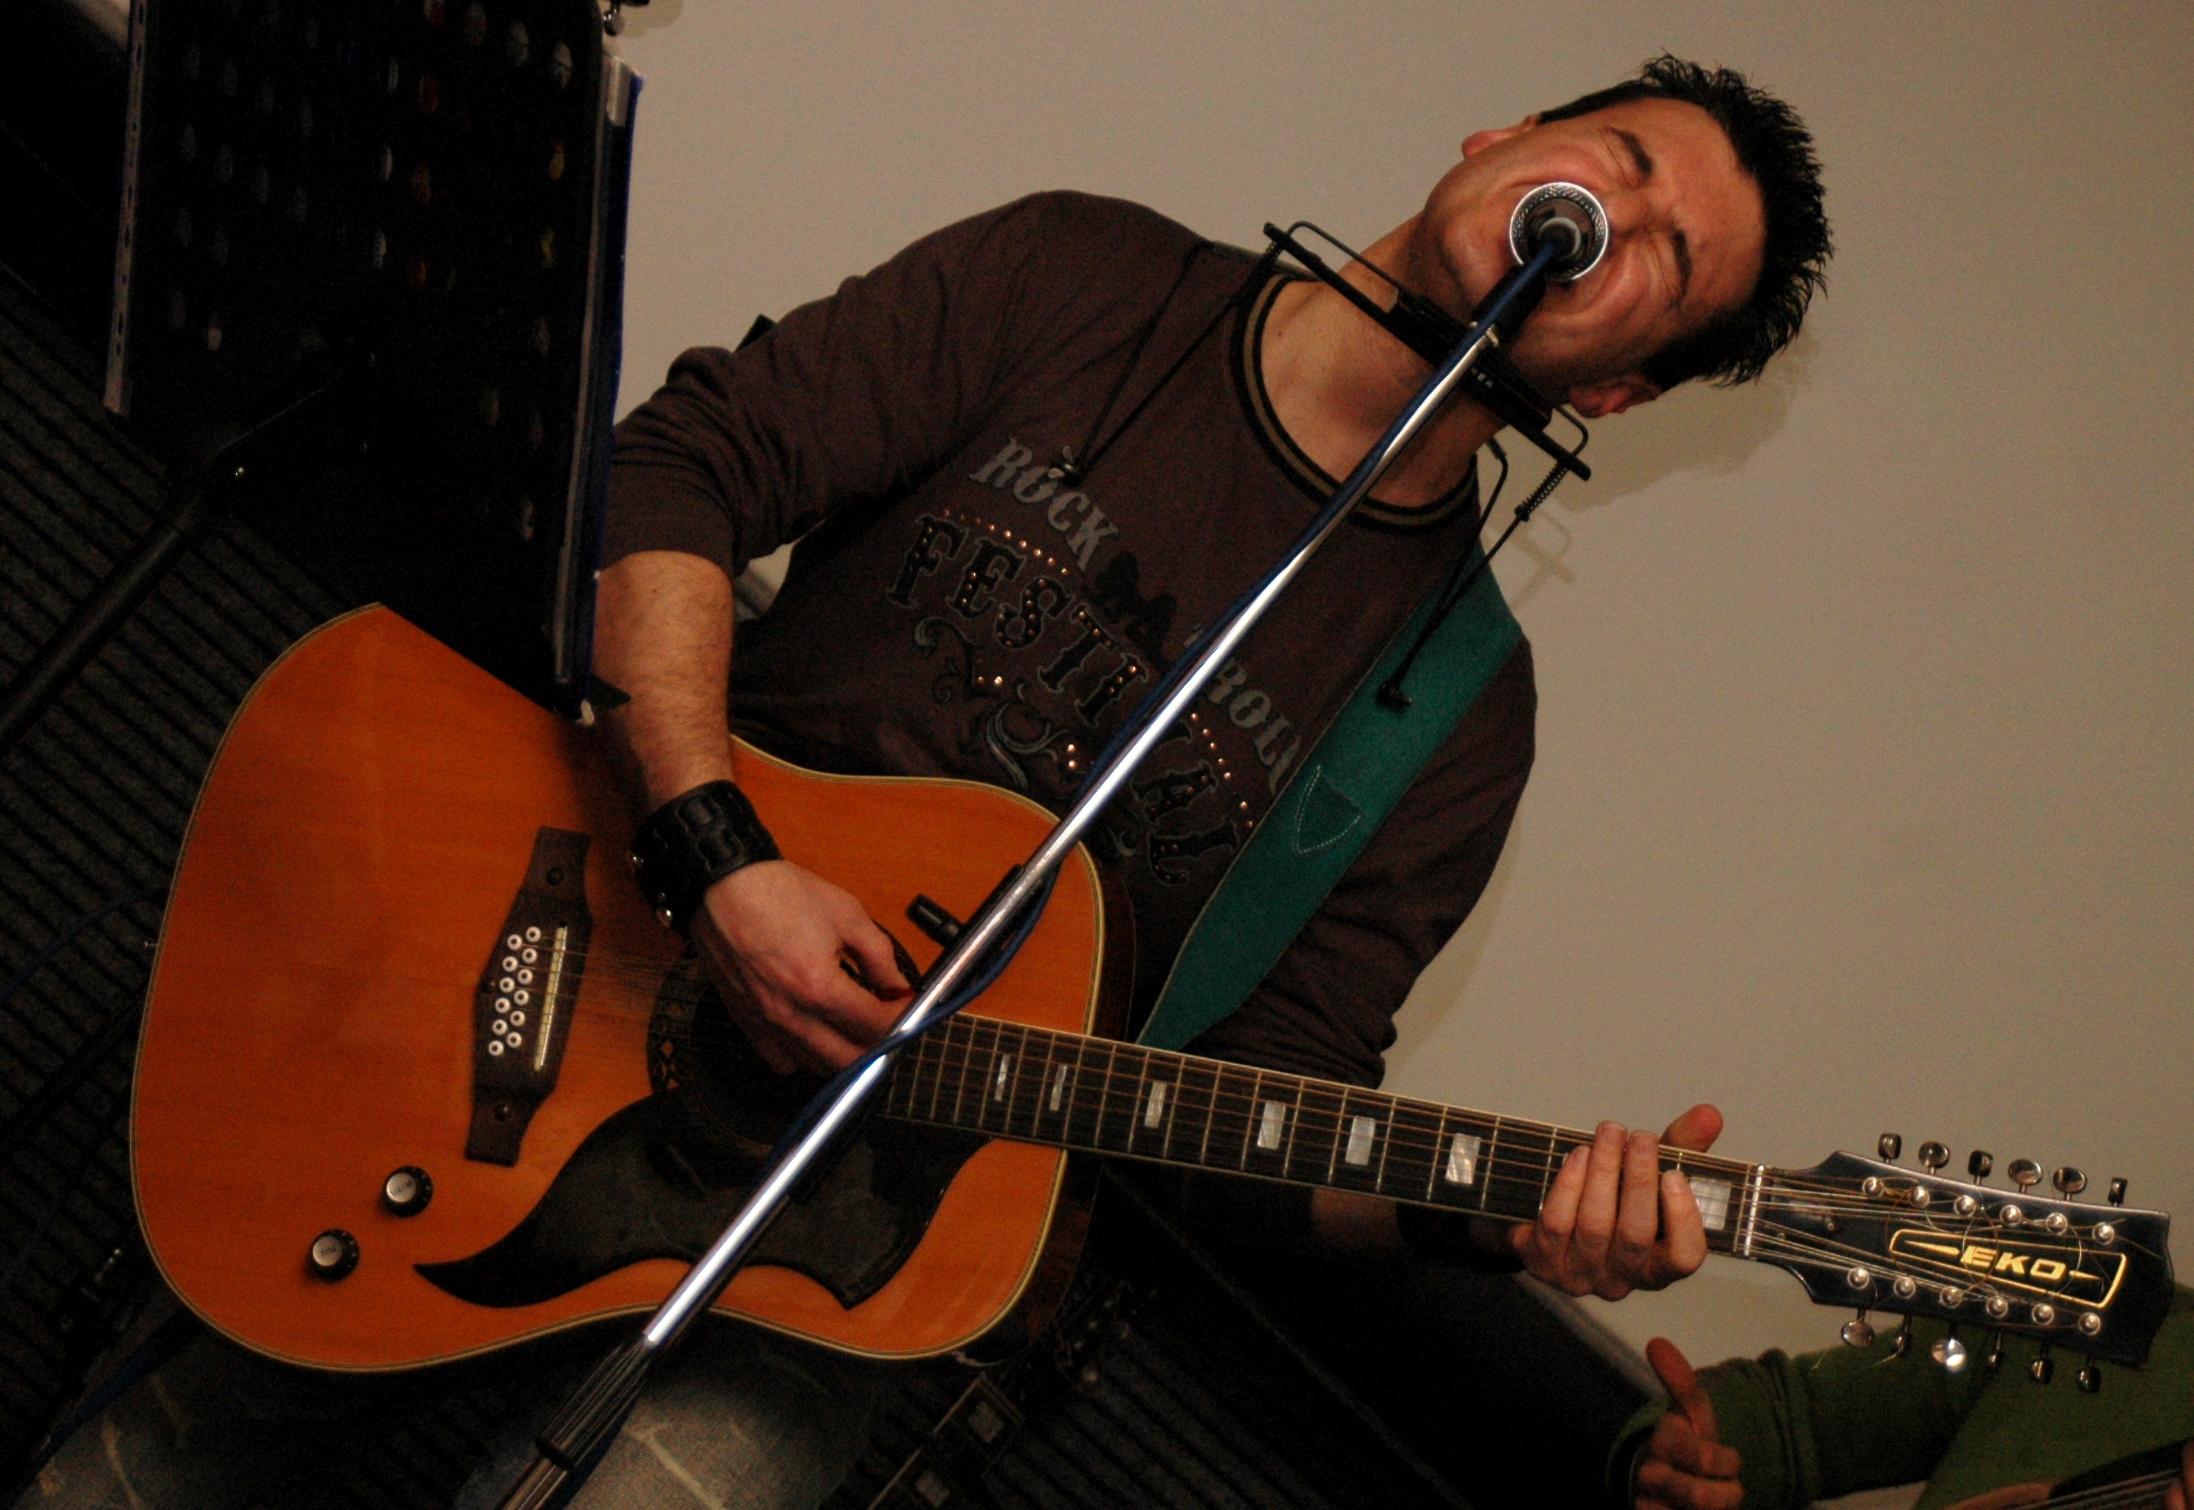 VILLA ADRIANA (RM) - 16/12/2007. Foto di Valentina Bellotto © Studio Emagine